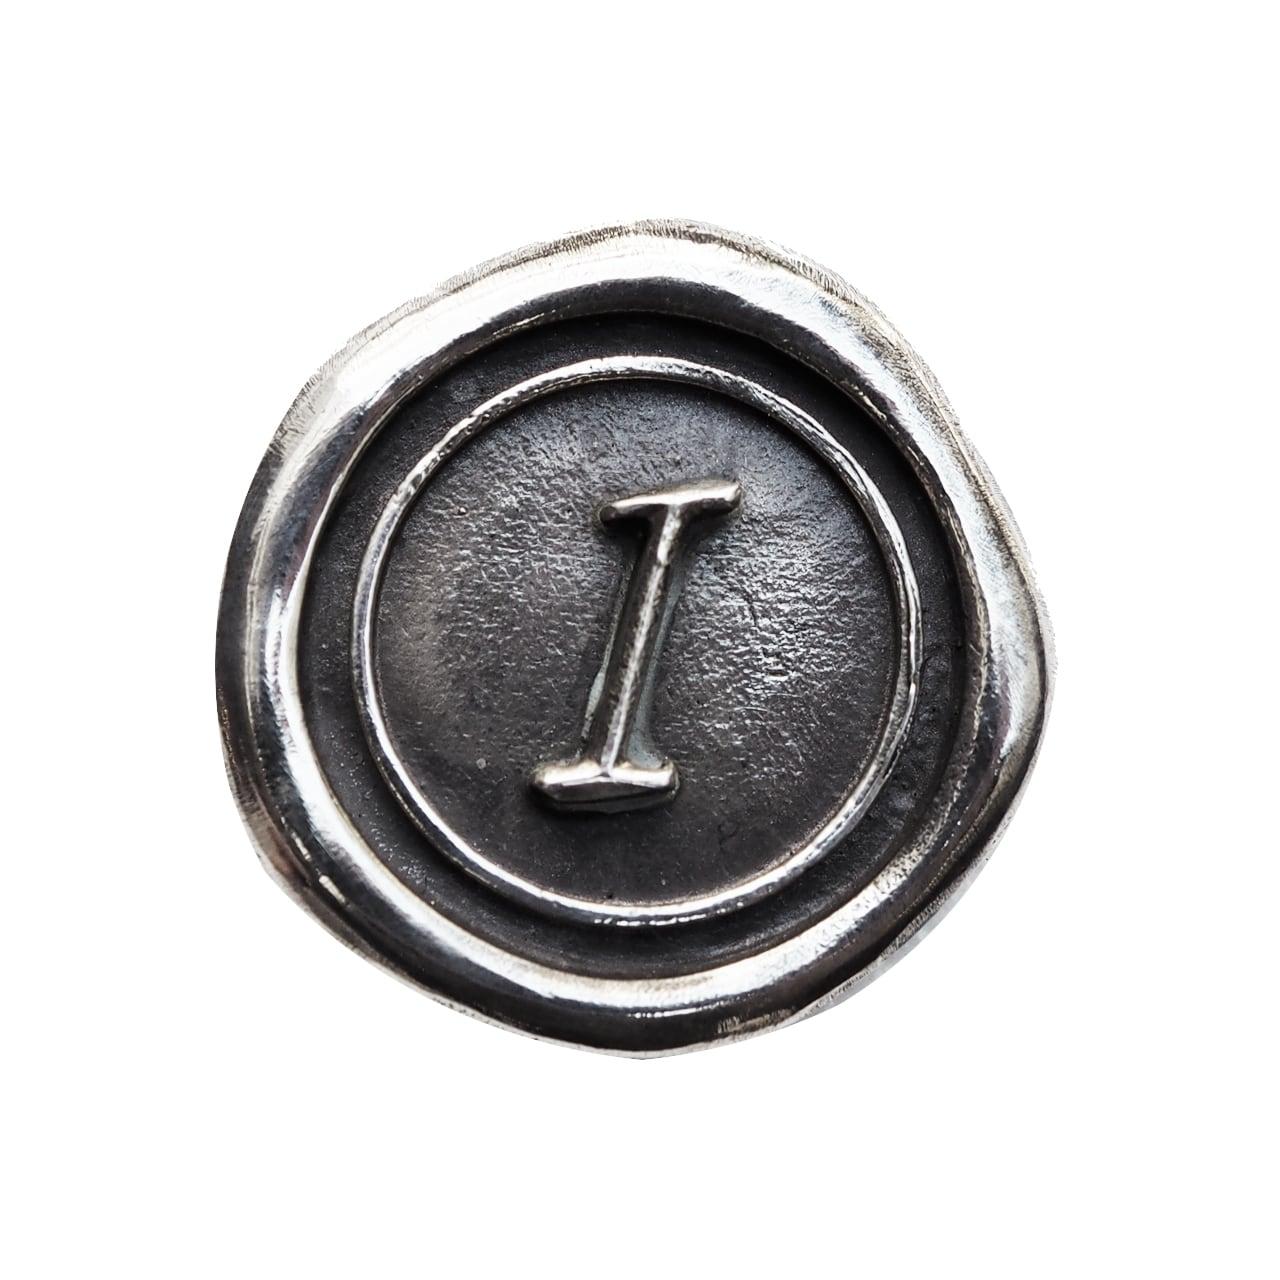 シーリングイニシャル S 〈I〉 シルバー / コンチョボタン